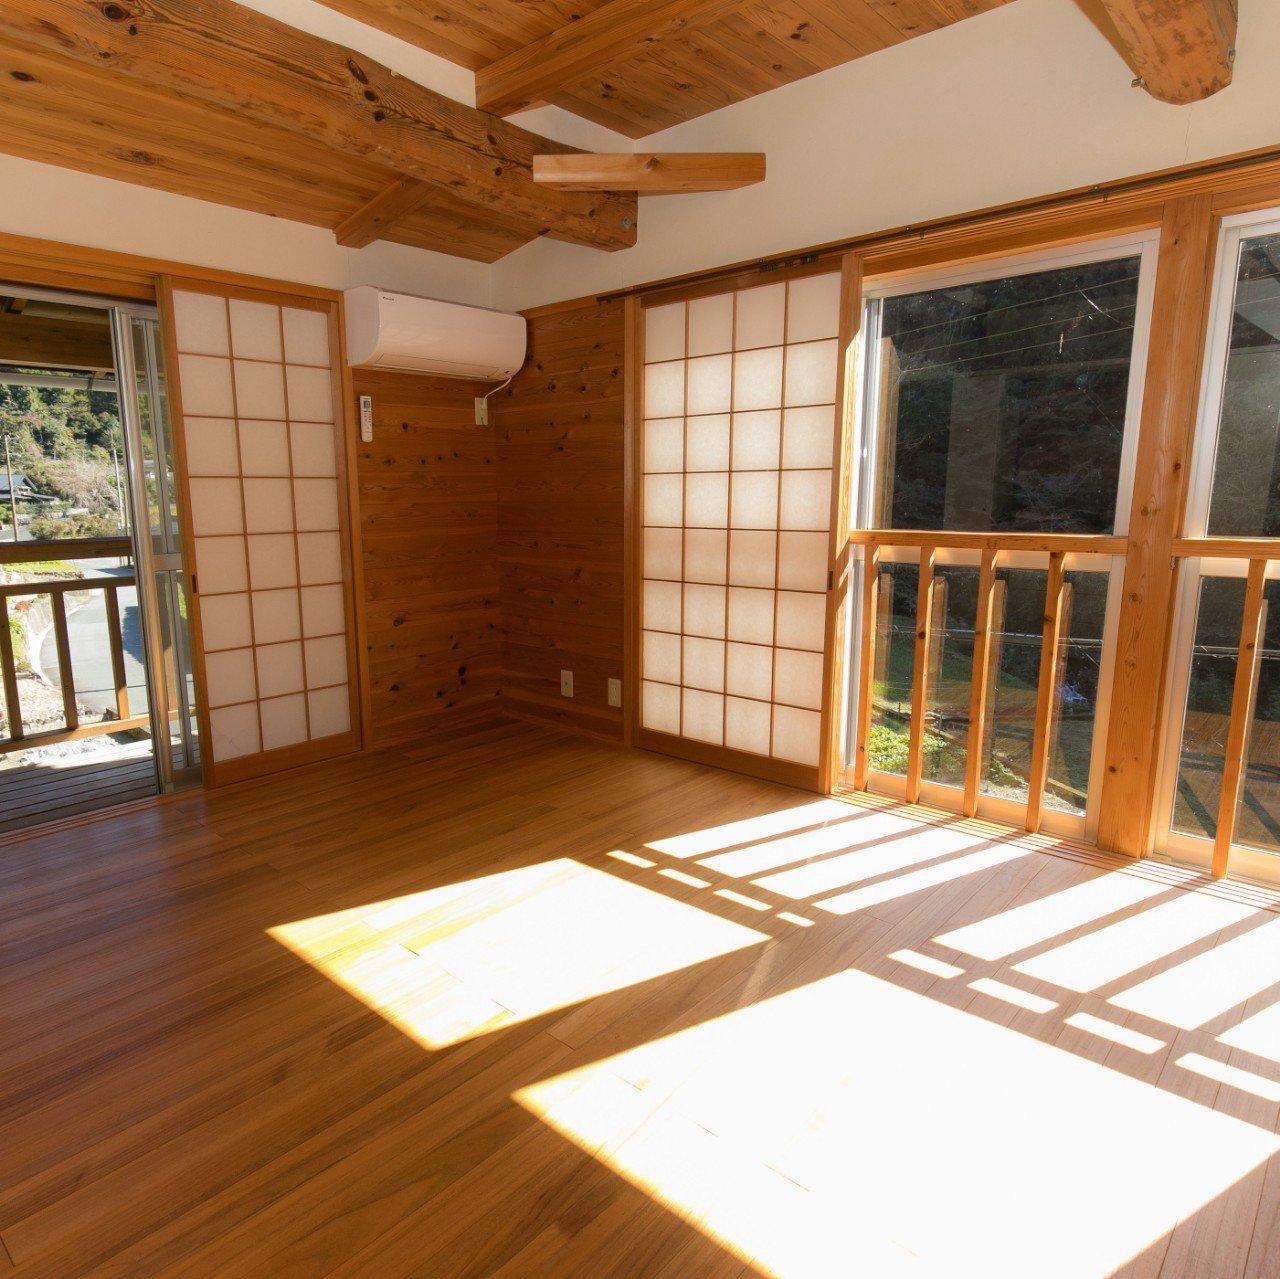 里山民宿 丸(さとやまみんしゅく まる)/✿どっぷり緑の中につかる日/いなさマップ「F」のイメージその2